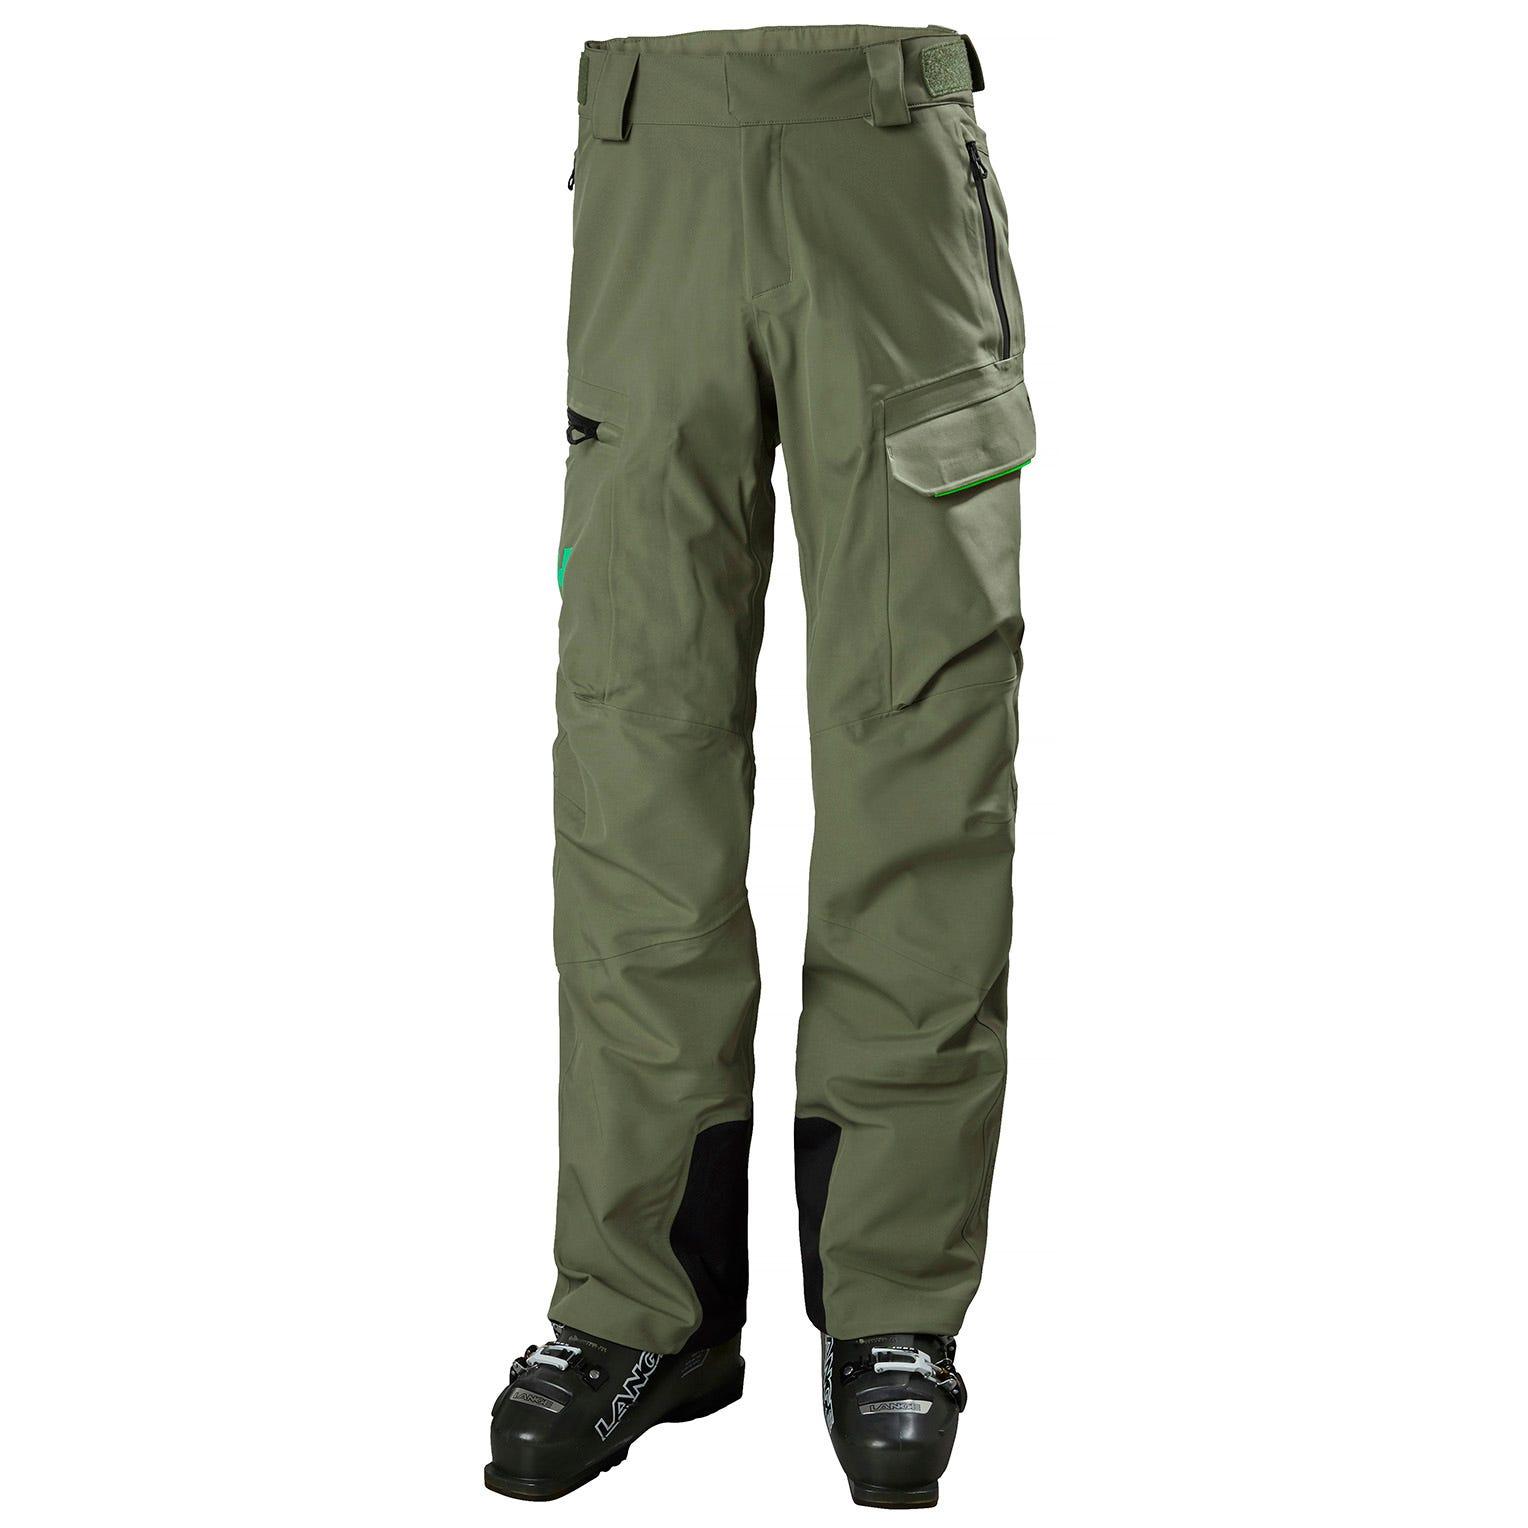 Mens Ridge Shell Durable Ski Trousers | Uk Helly Hansen Mens Trouser Green M